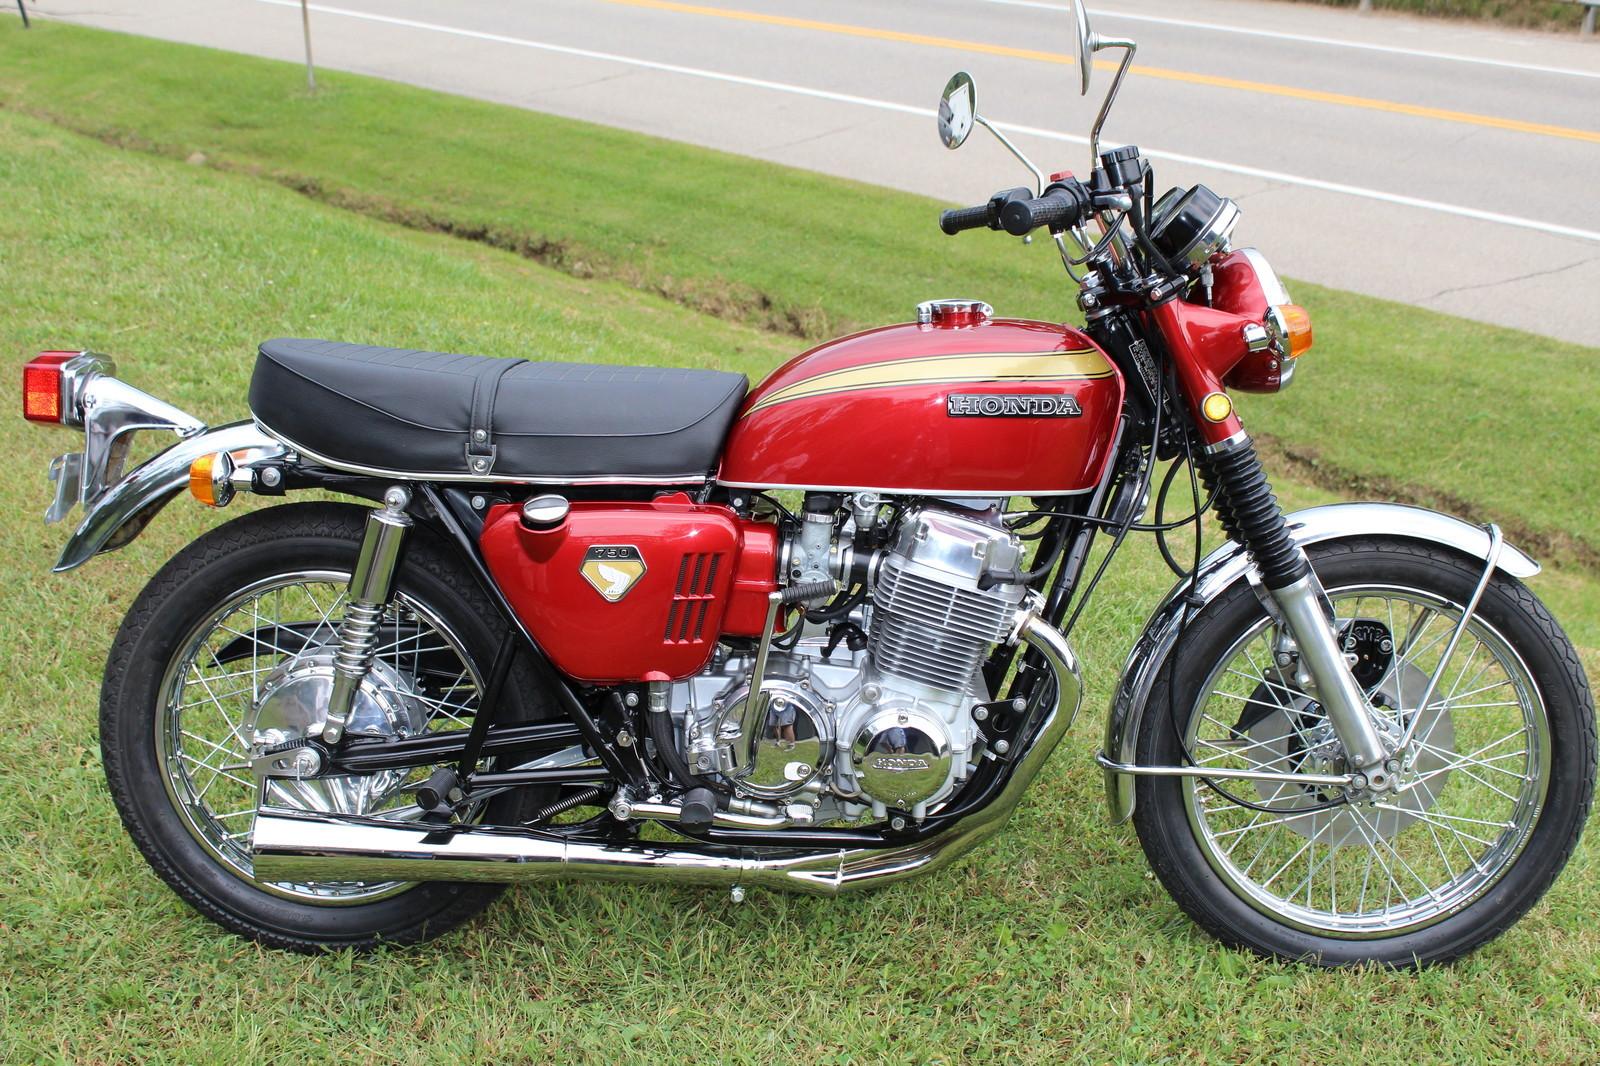 Restored Honda Cb750 1975 Photographs At Classic Bikes Wiring Schematics